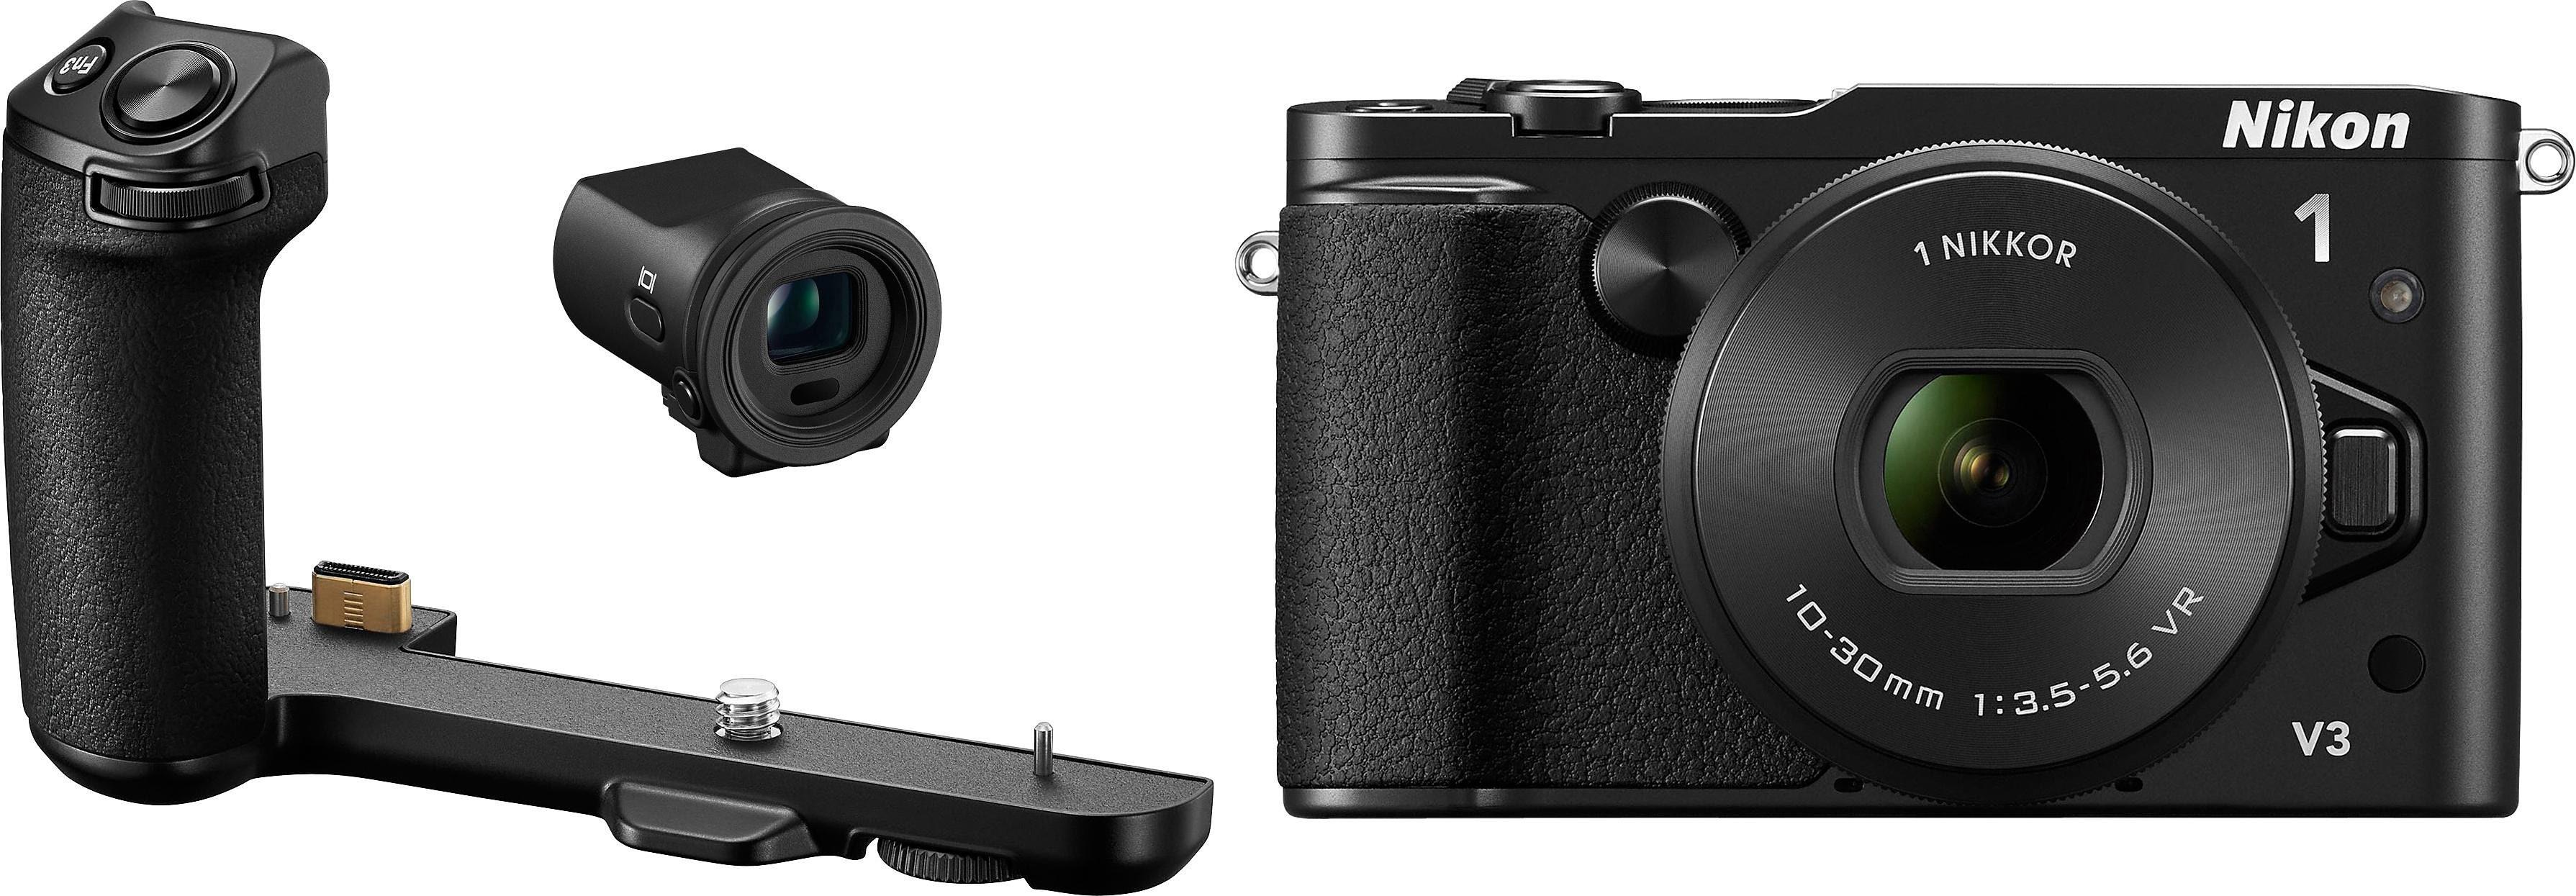 NIKON N1 V3 System Kamera inkl. NIKKOR Objektiv, elektronischer Sucher und Handgriff, 18,4 MP